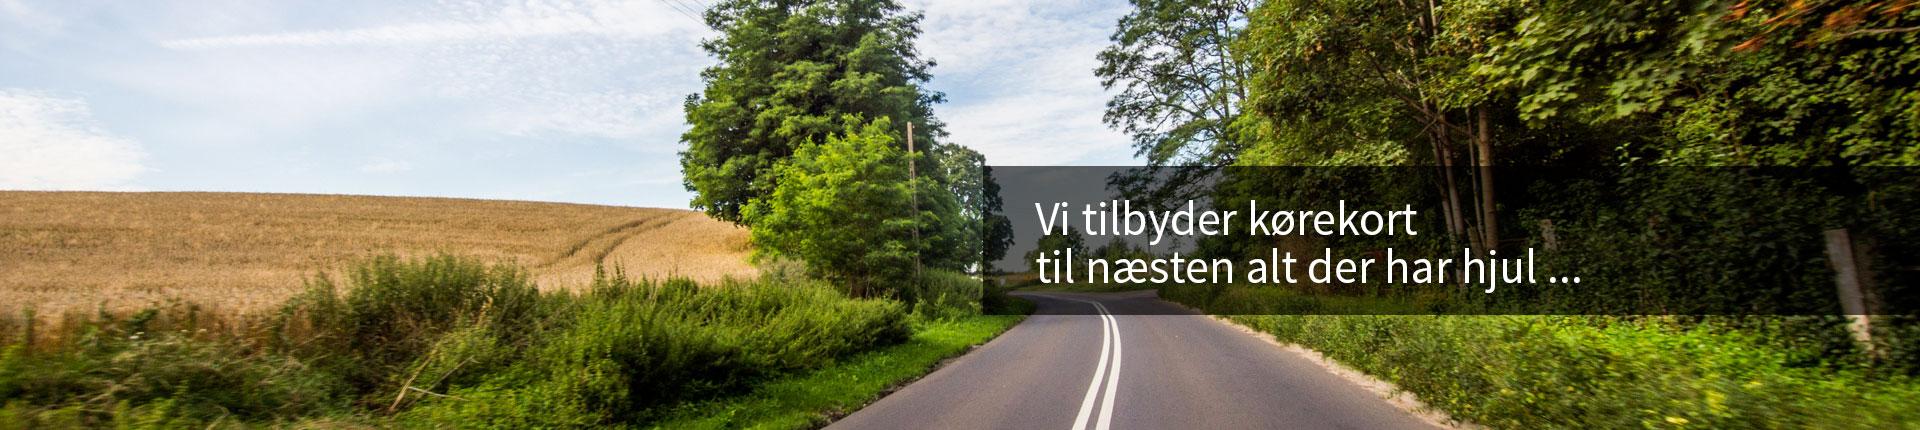 Heine Thoregaards Køreskole - Kørekort til næsten alt der har hjul